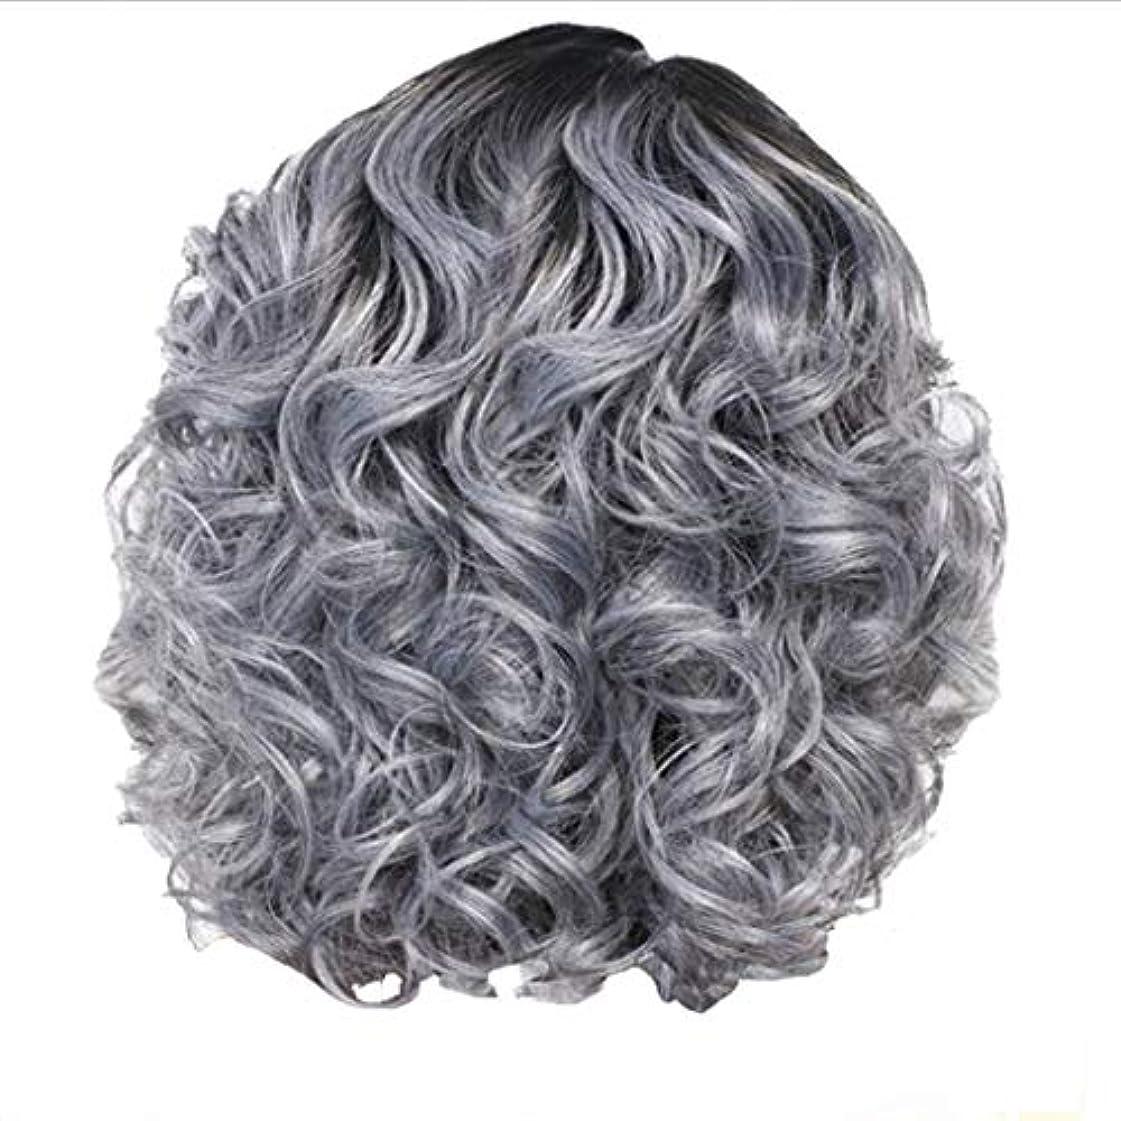 時間叫ぶクラフトかつら女性の短い巻き毛シルバーグレーレトロ巻き毛ネット30 cm